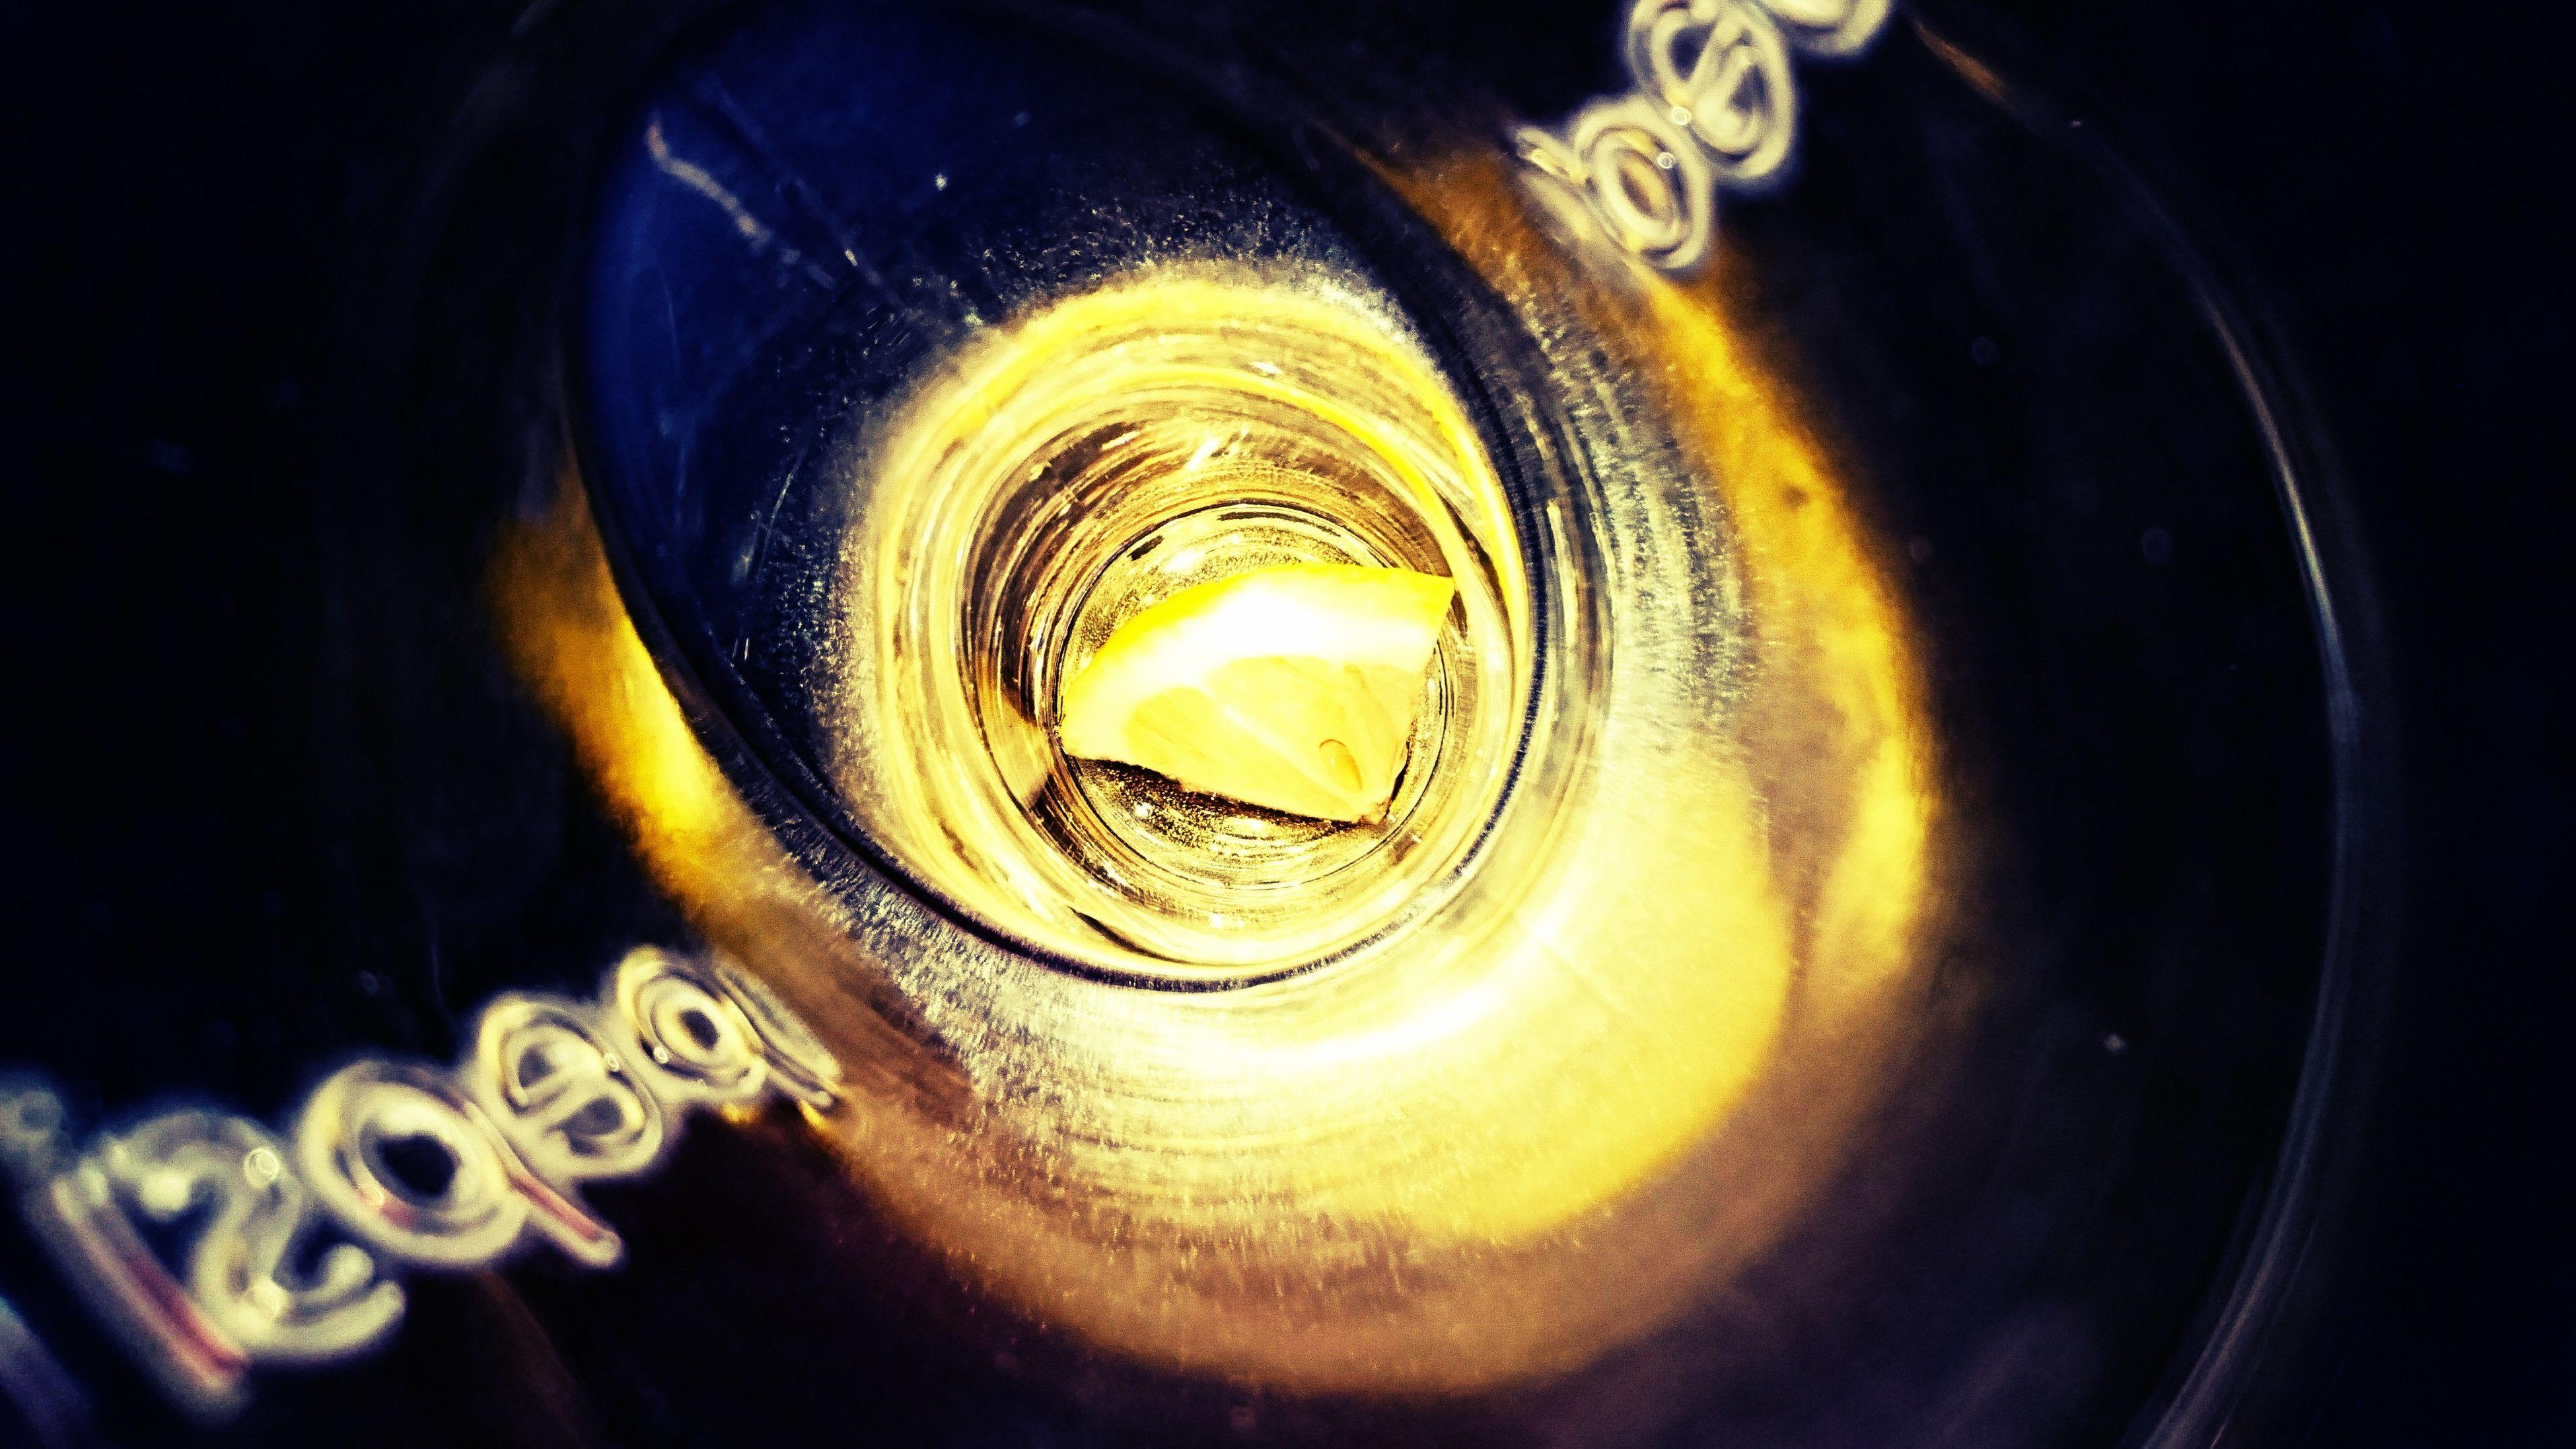 Lemon in a pepsi glass Lemon Pepsi Glass Abstract